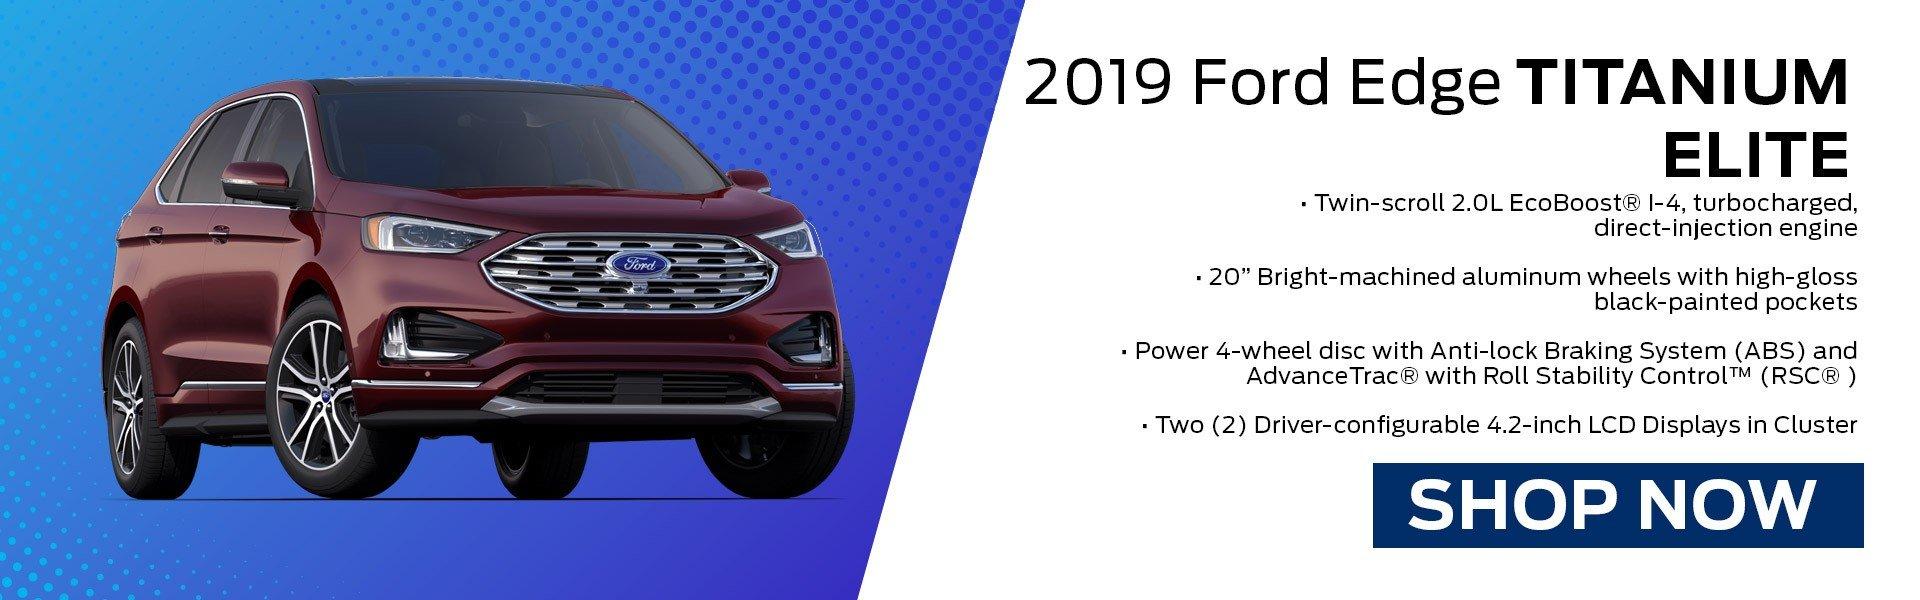 2019 Ford Edge Titanium Elite